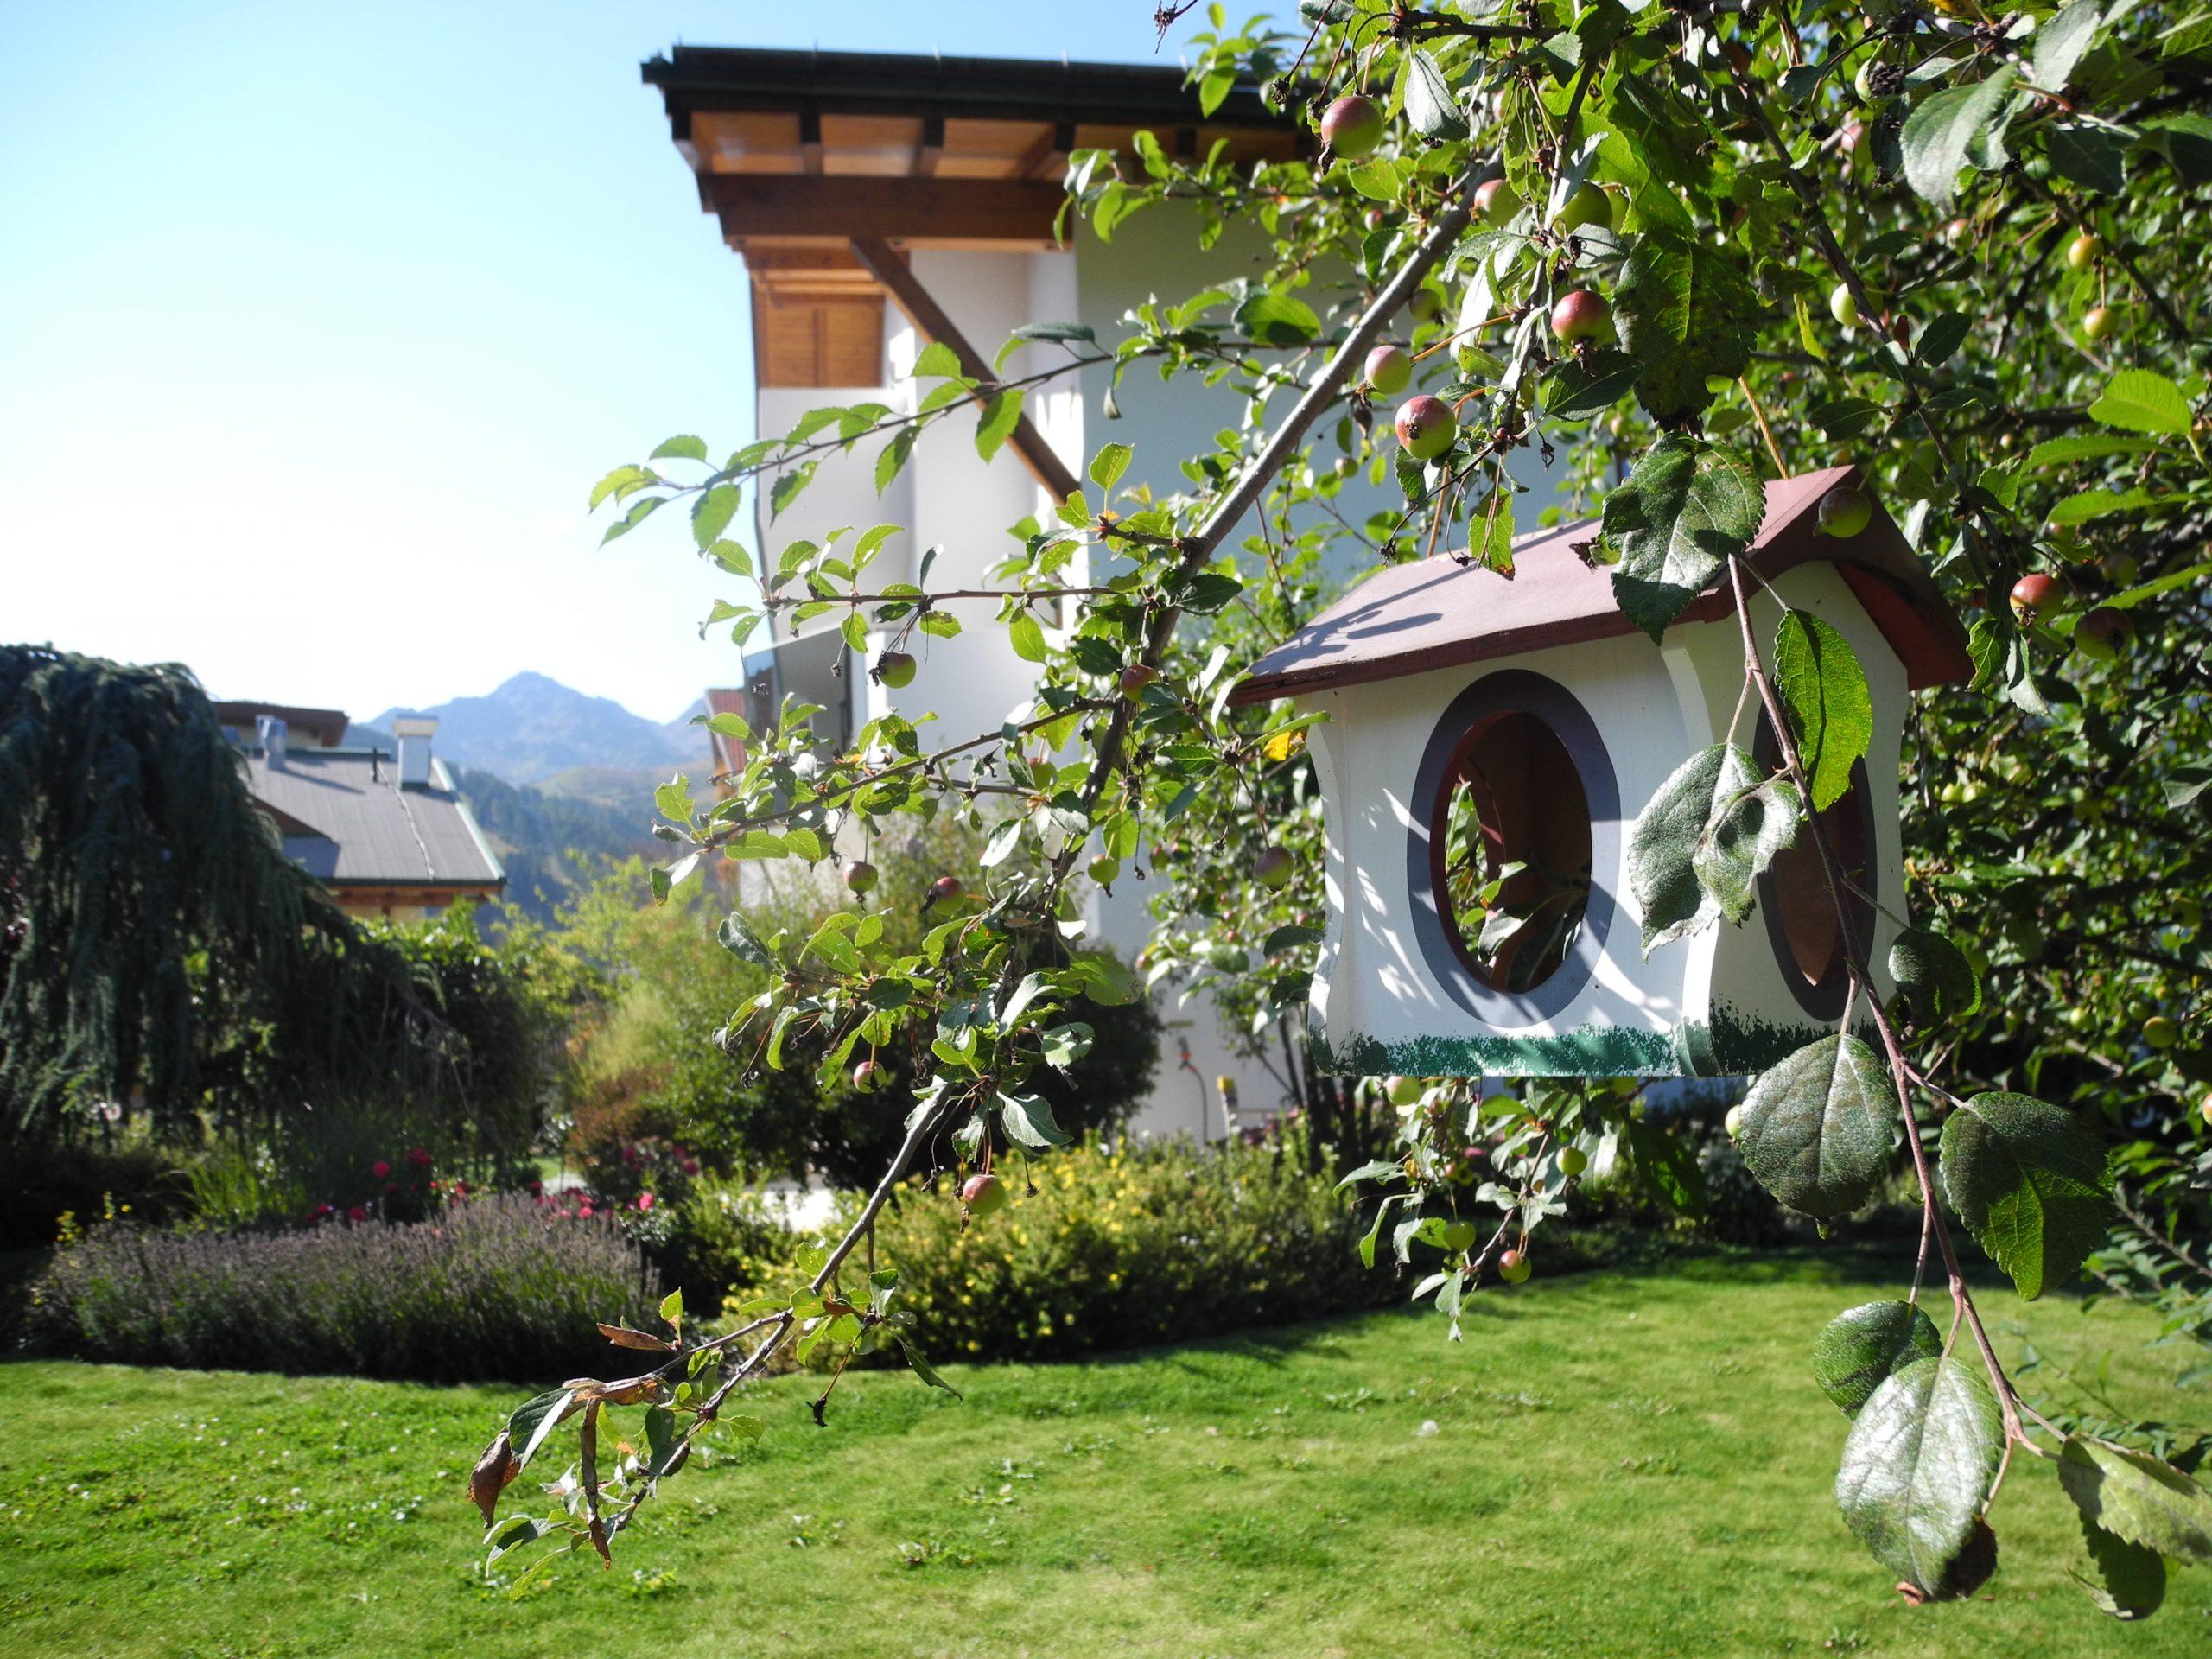 Sulla Collina, garden, birdhouse